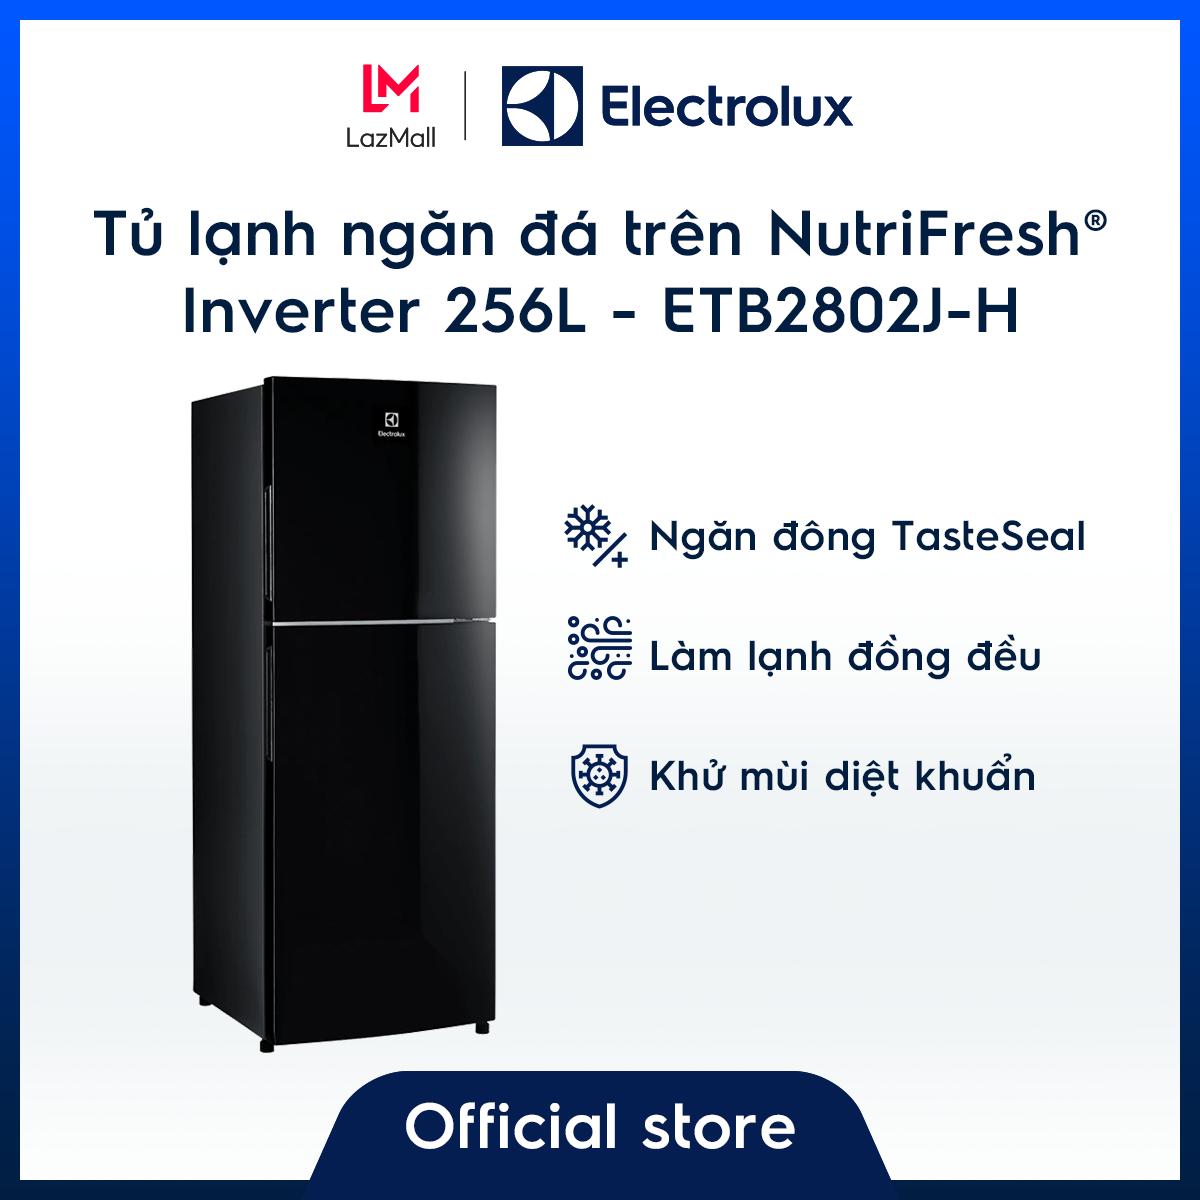 Tủ lạnh Electrolux 256L ETB2802J-H – Màu đen độc đáo – Ngăn đông mềm giữ thực phẩm tươi ngon – Khử mùi diệt khuẩn – Hàng chính hãng